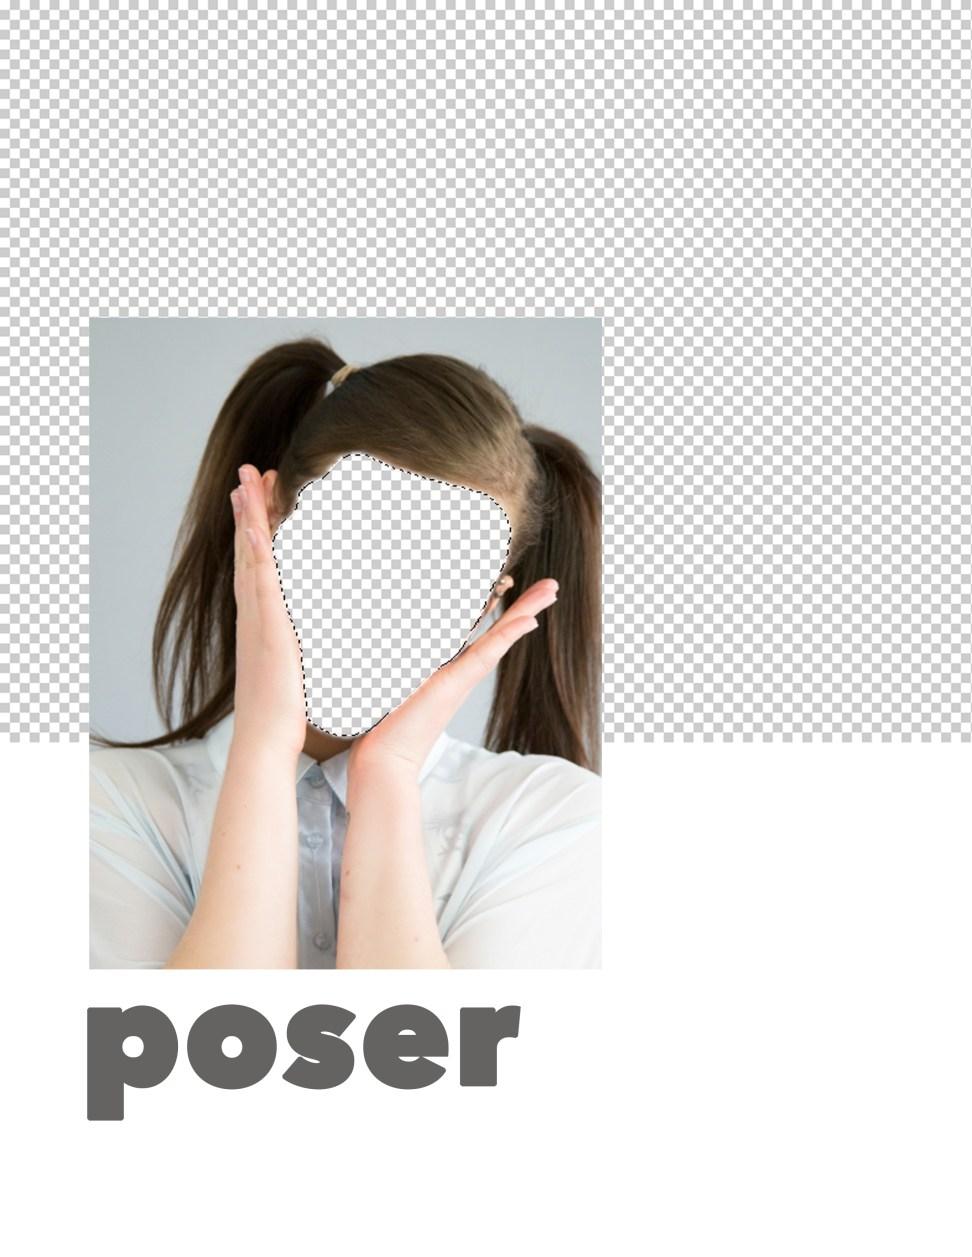 posercover